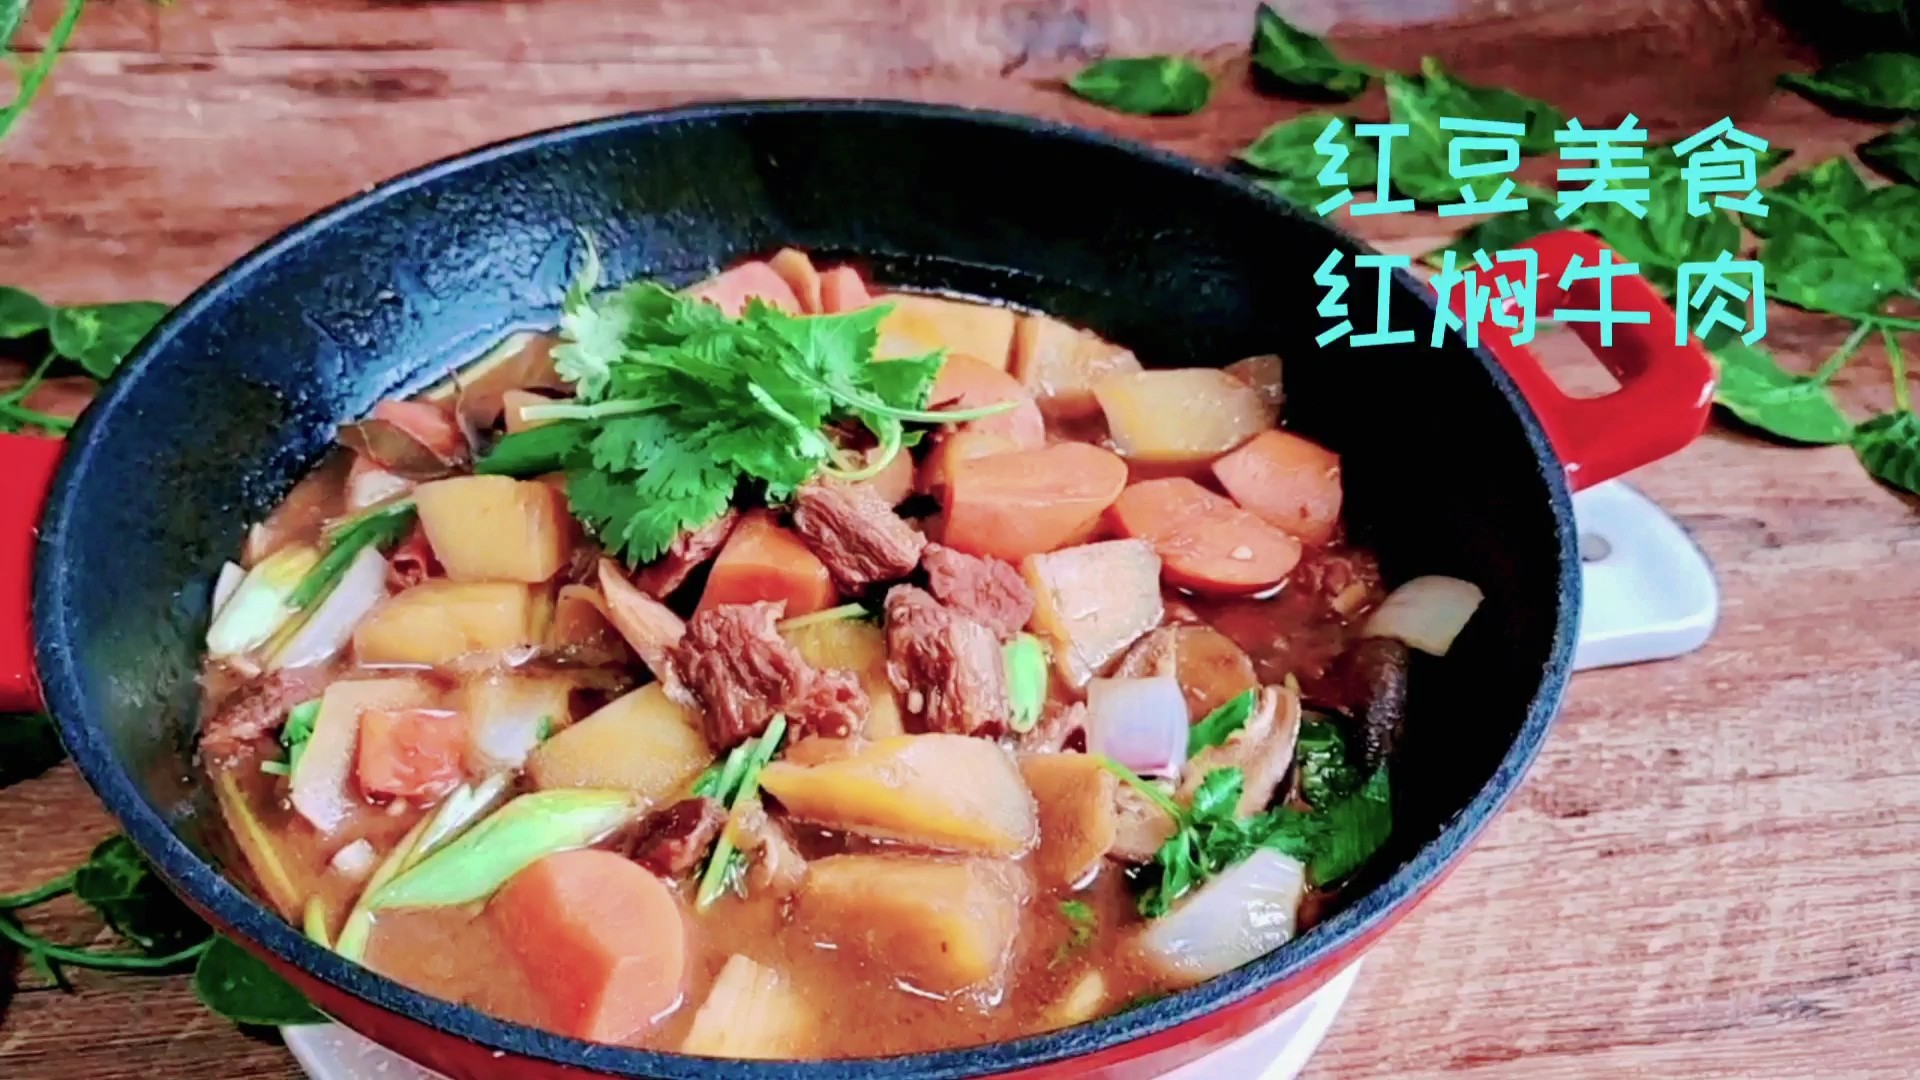 冬季牛肉这样做,暖身暖胃又滋补…红焖牛肉锅